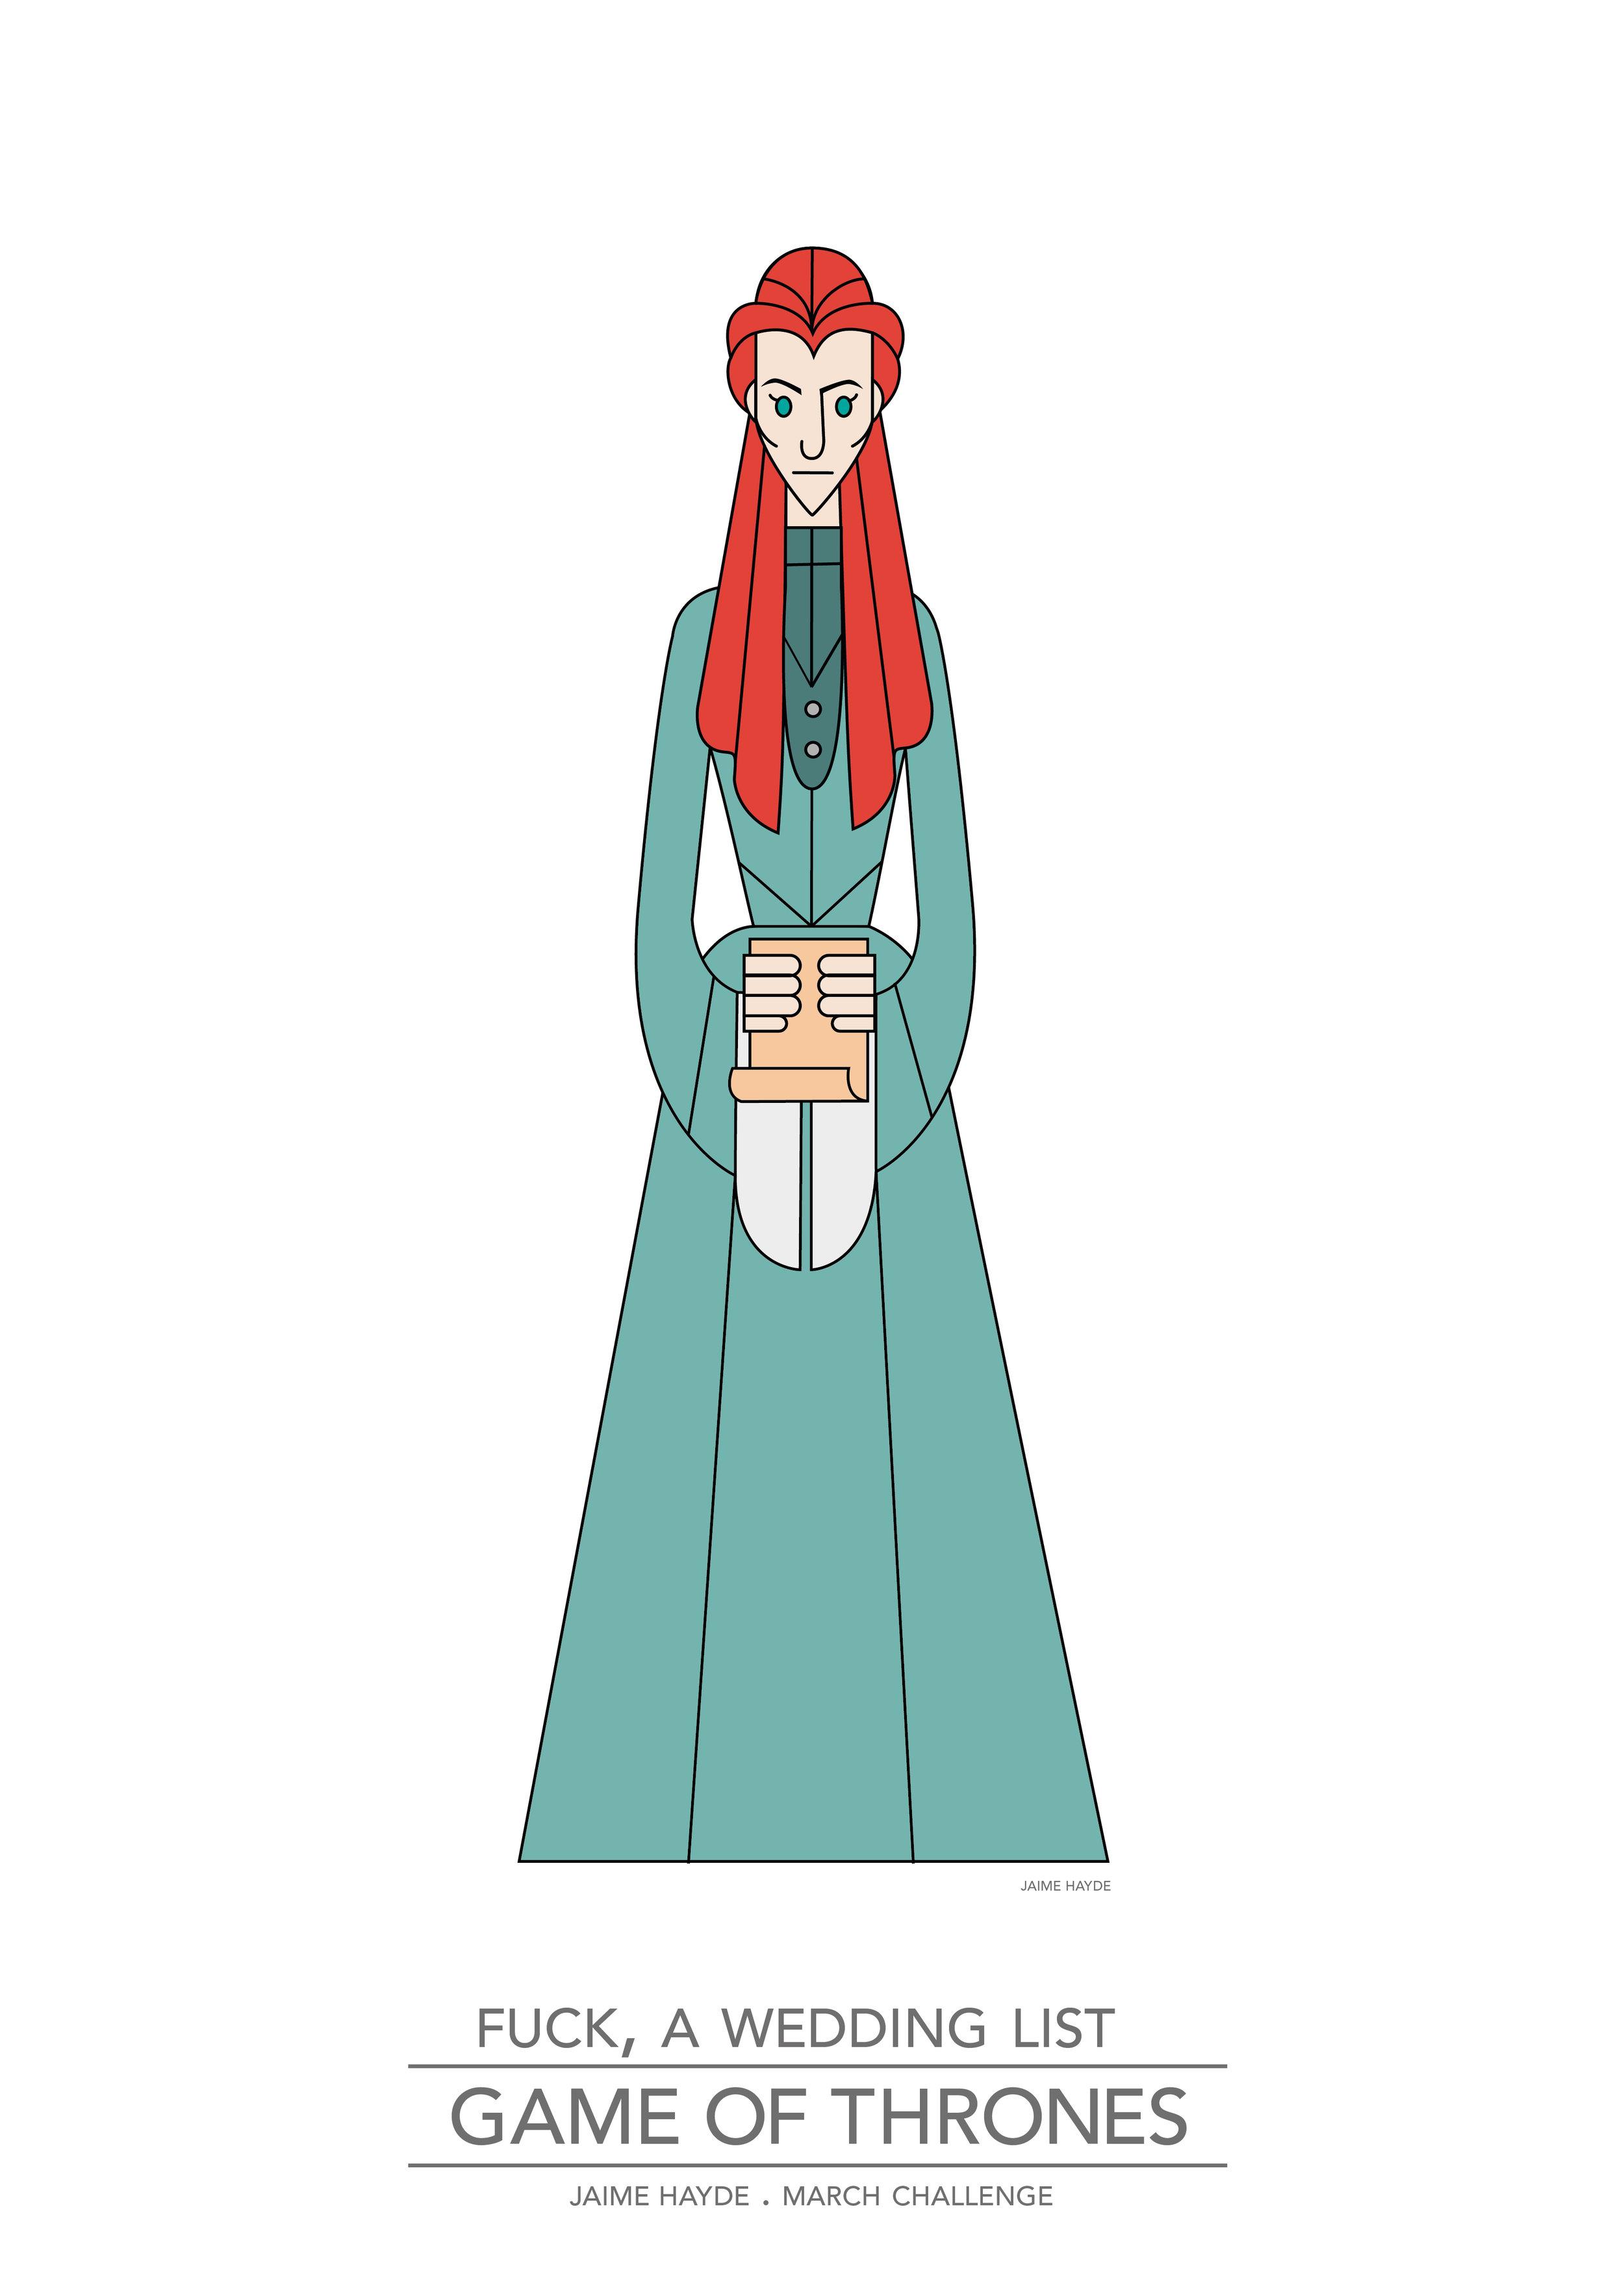 Game-of-thrones-Juego-de-tronos-lady_illustration.jpg